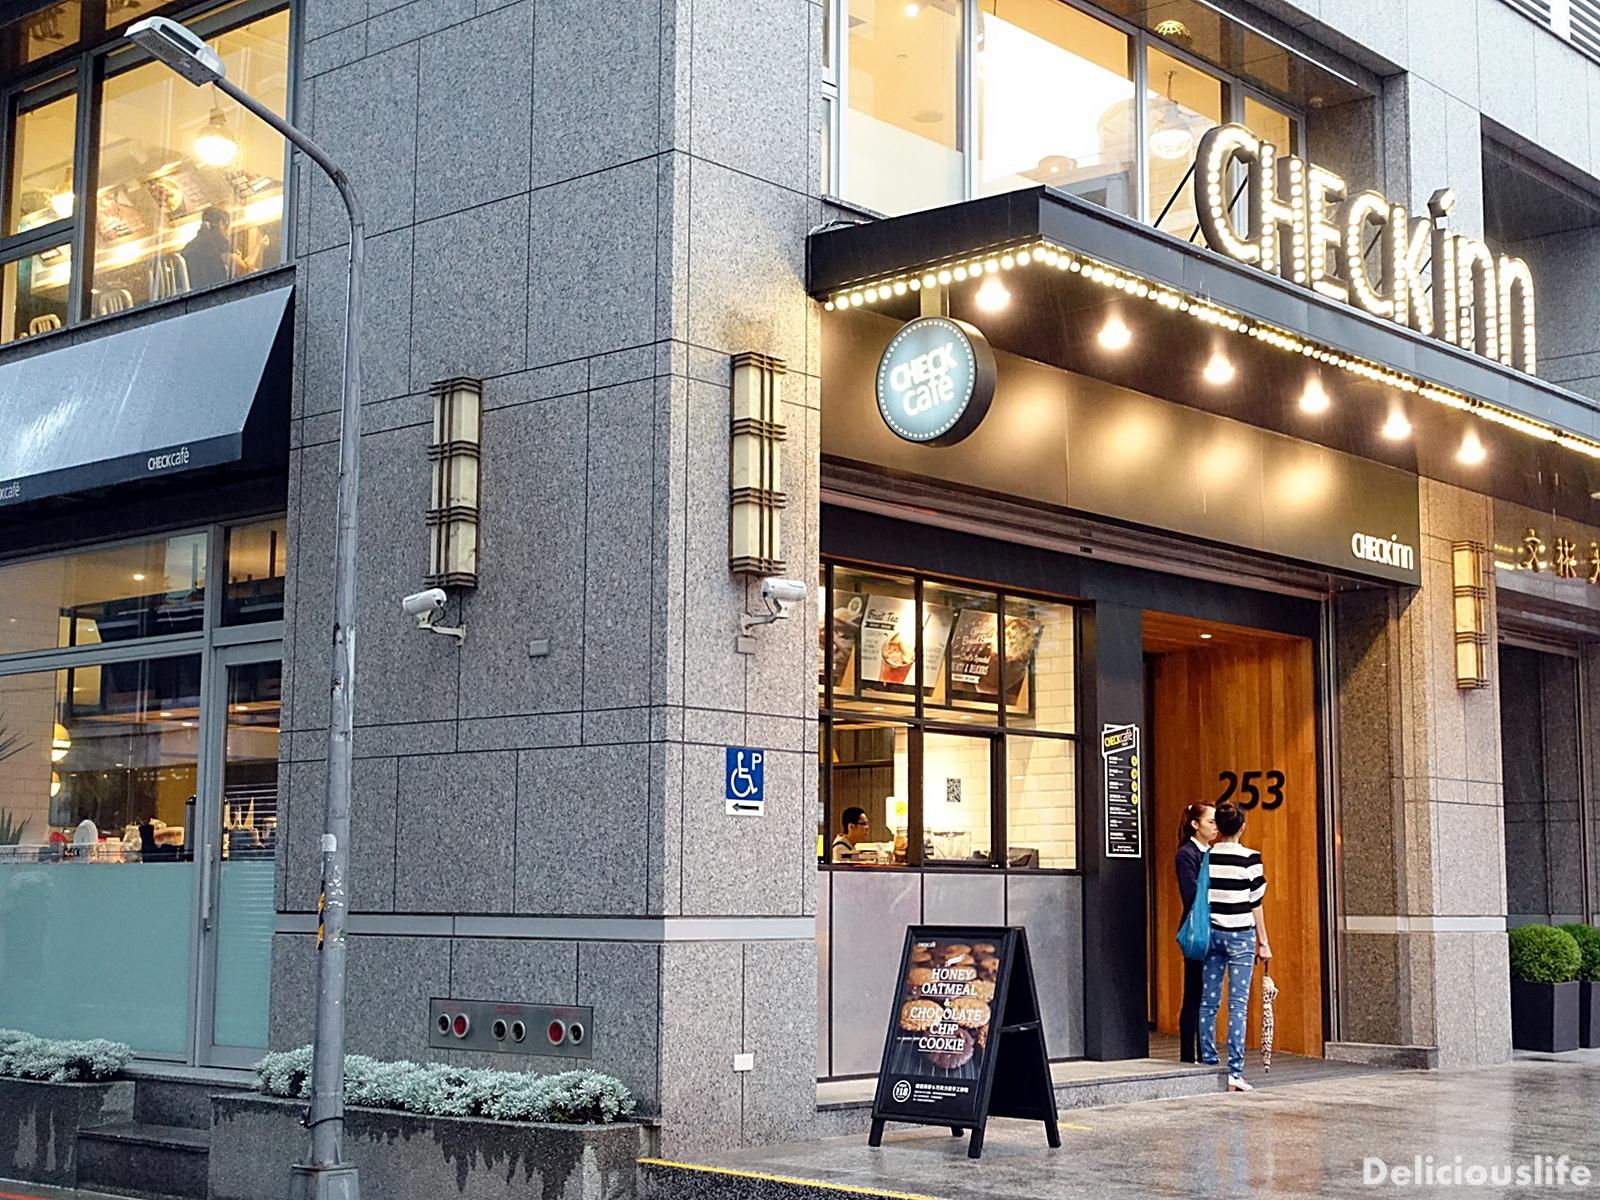 checkcafe-1